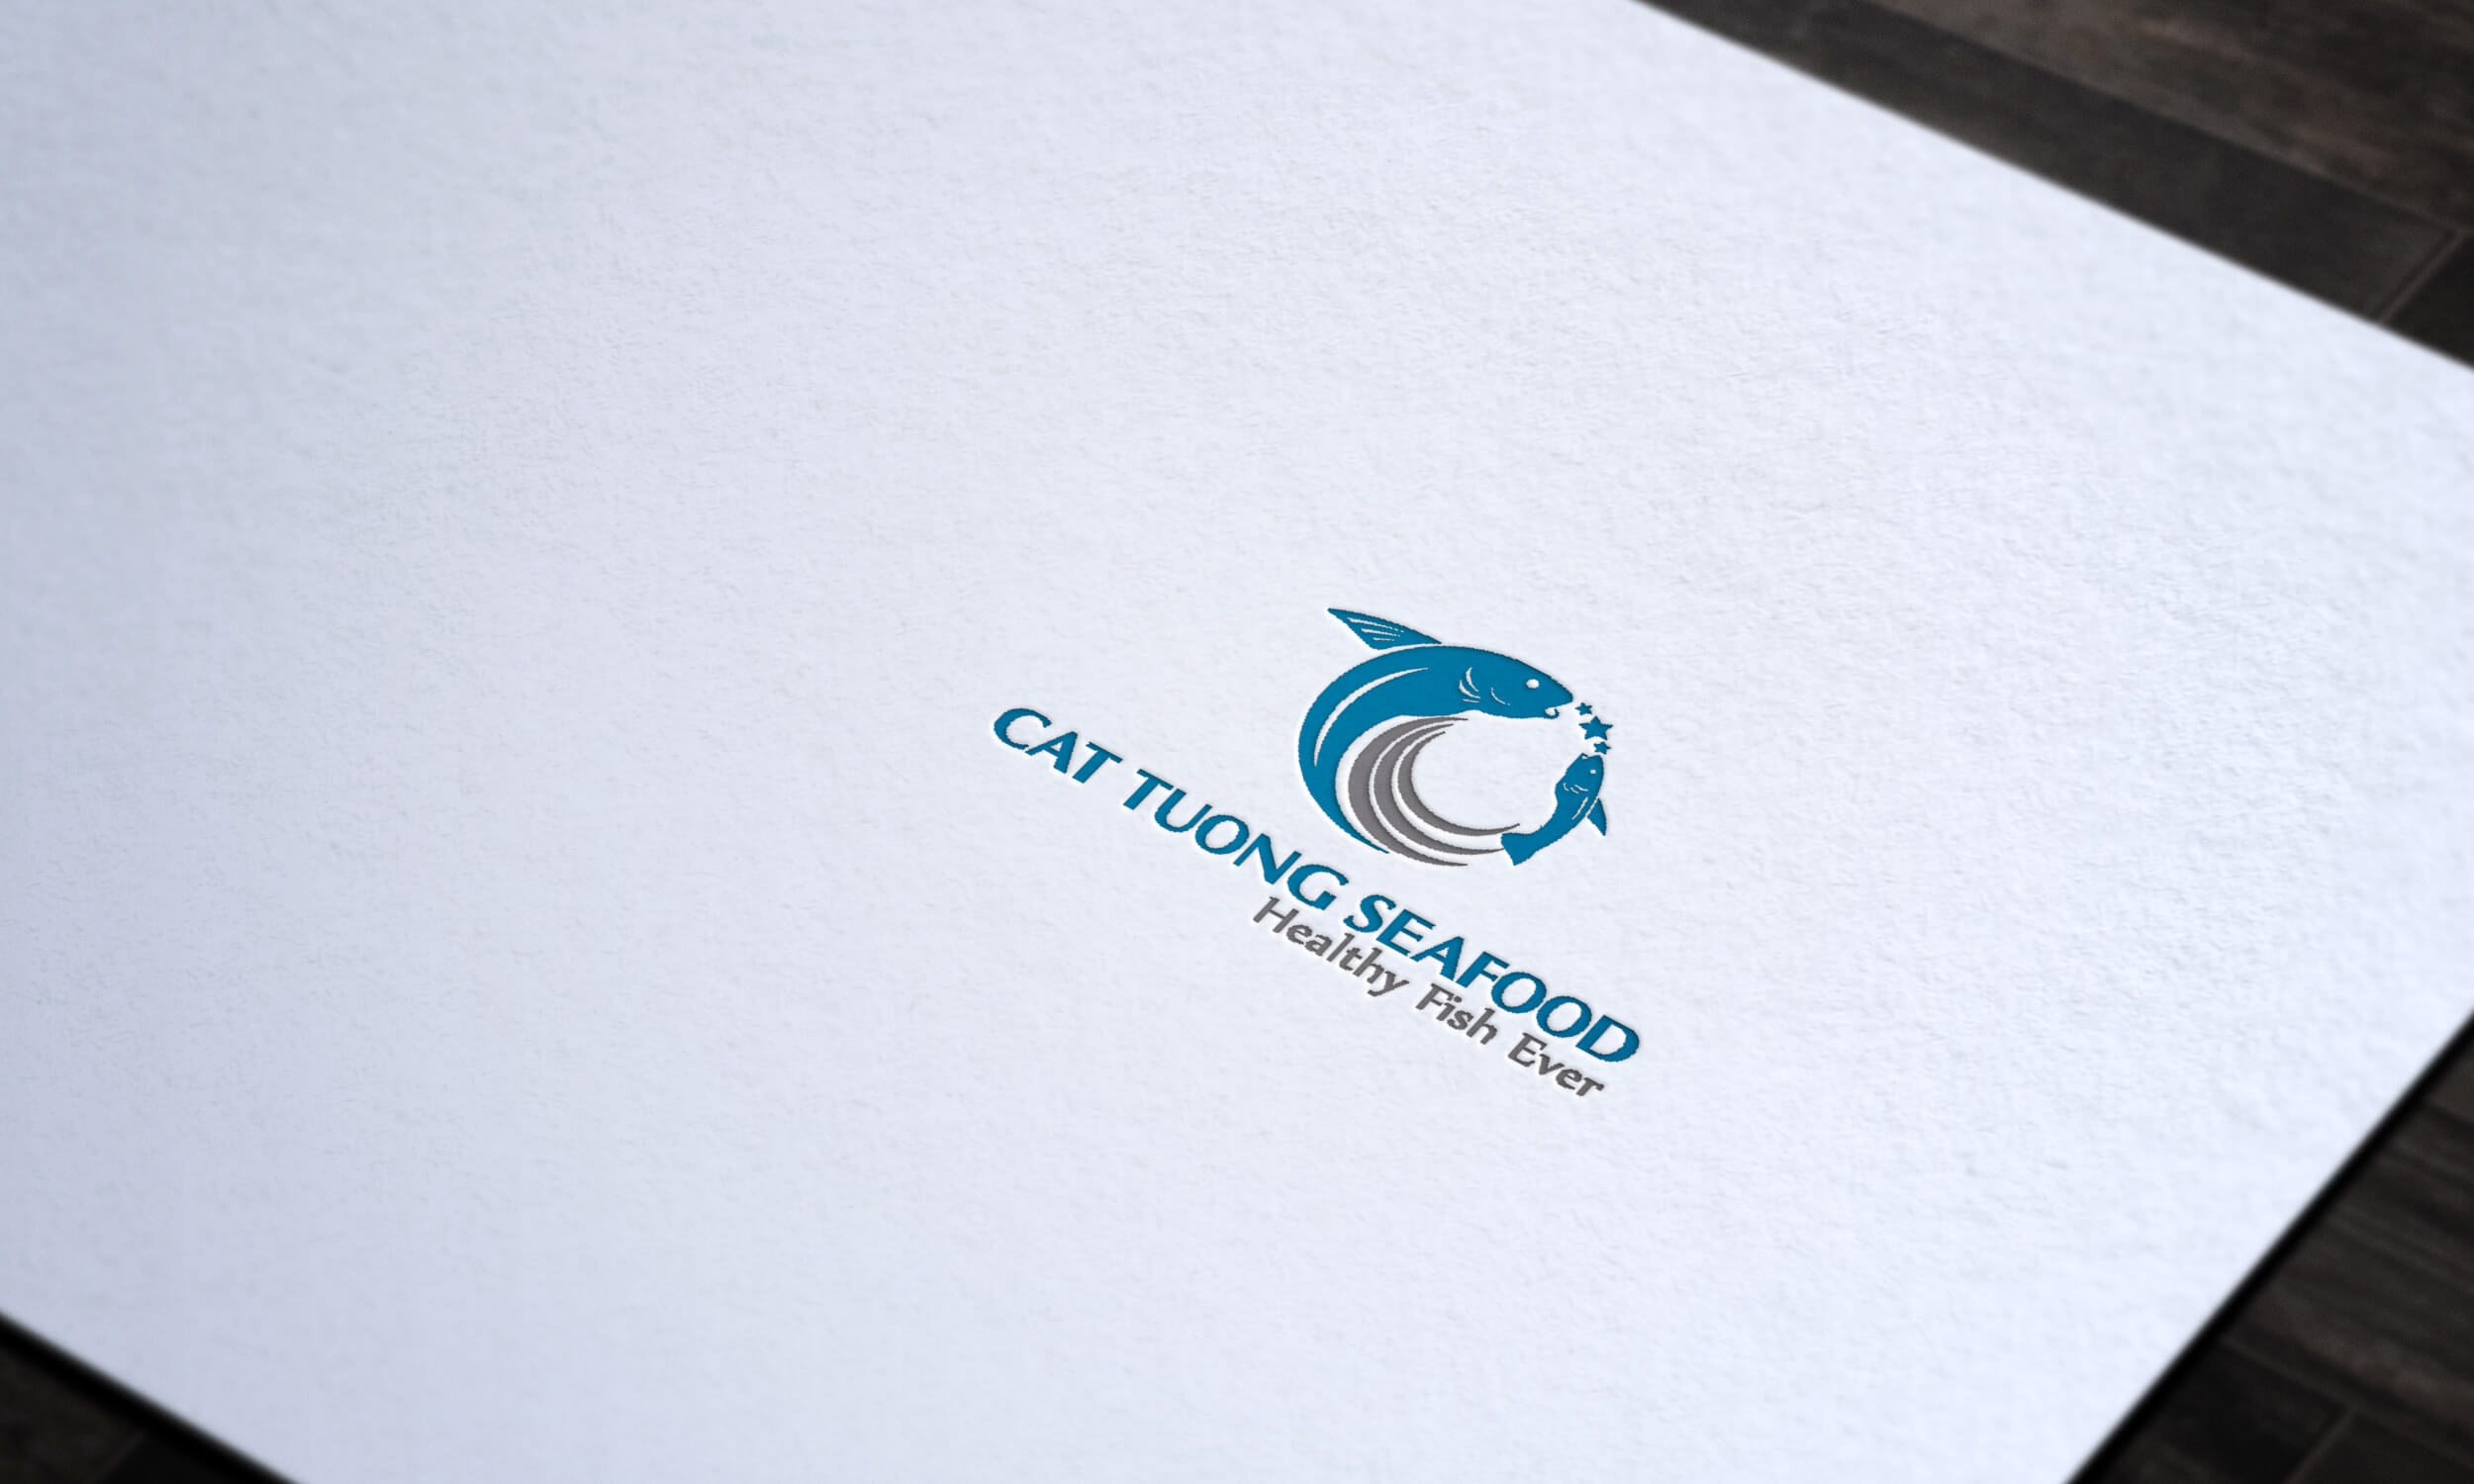 Thiết kế logo doanh nghiệp Cát Tường tại TP HCM